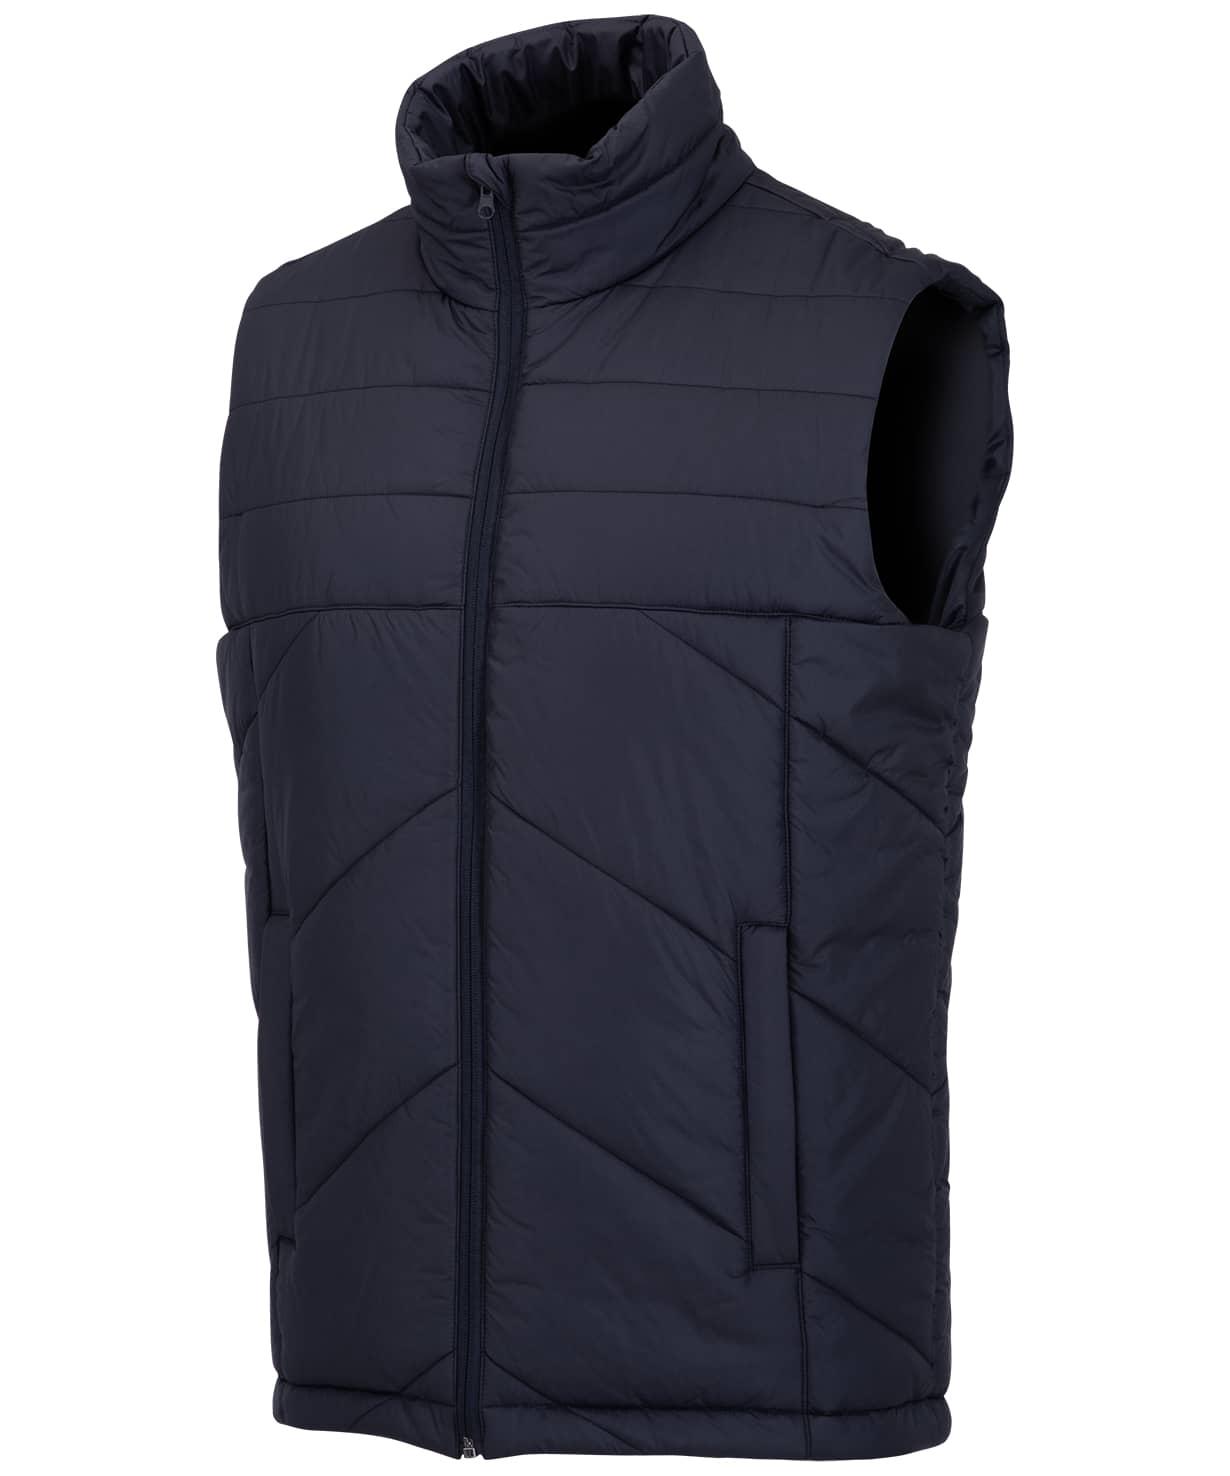 Жилет утепленный детский ESSENTIAL Padded Vest, черный